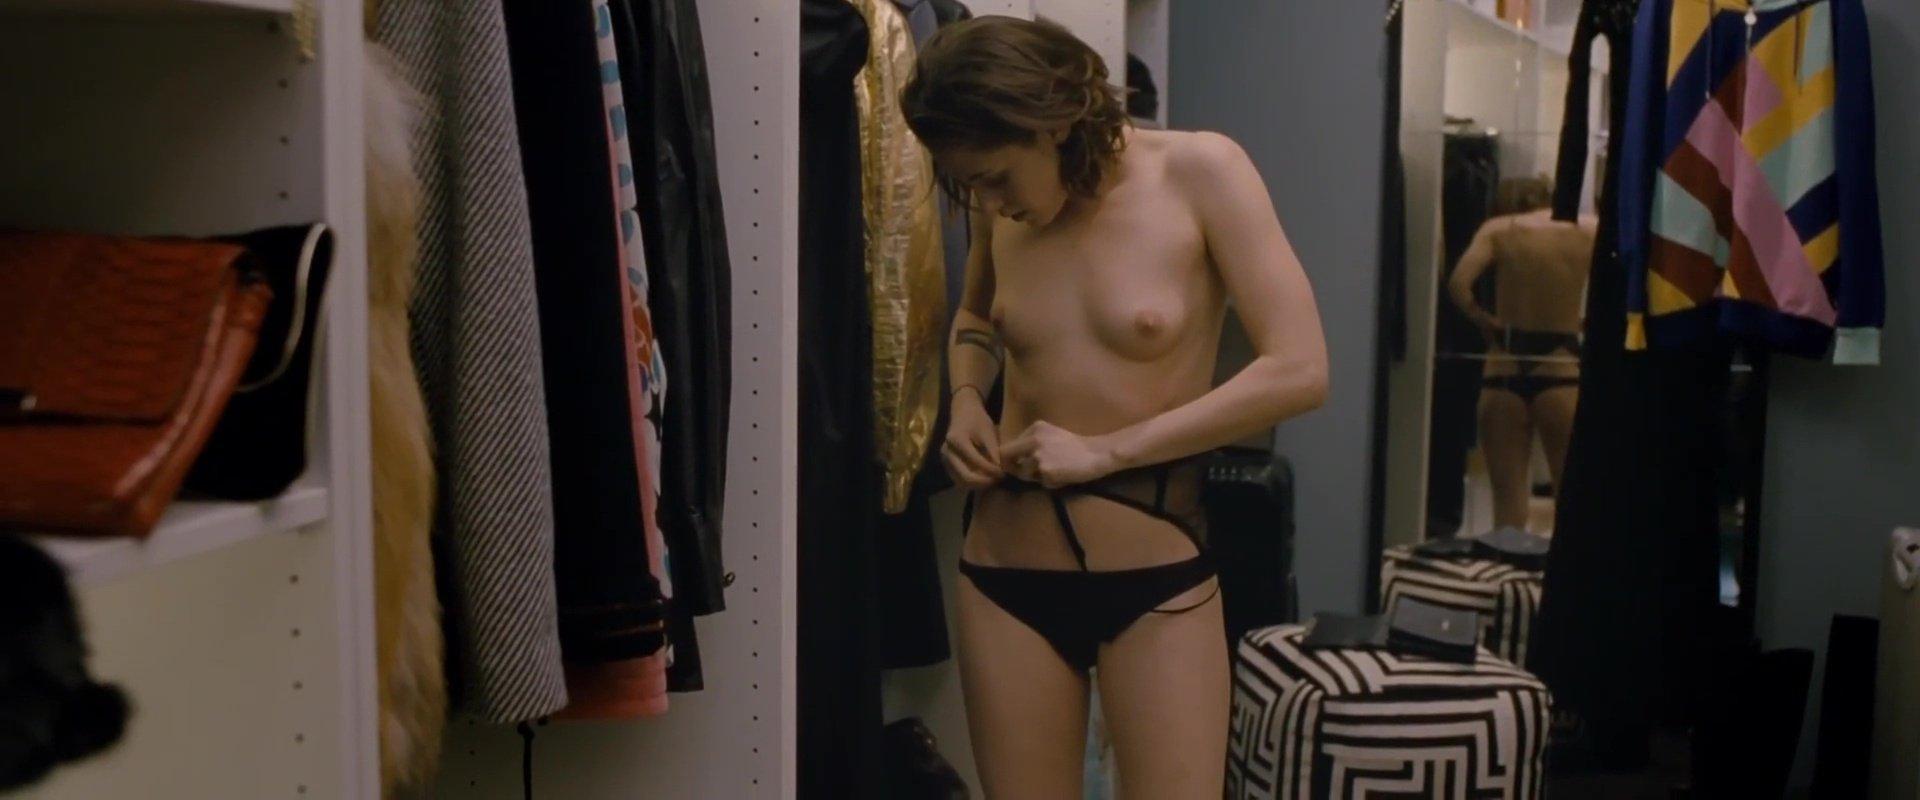 kristen stewart new nude